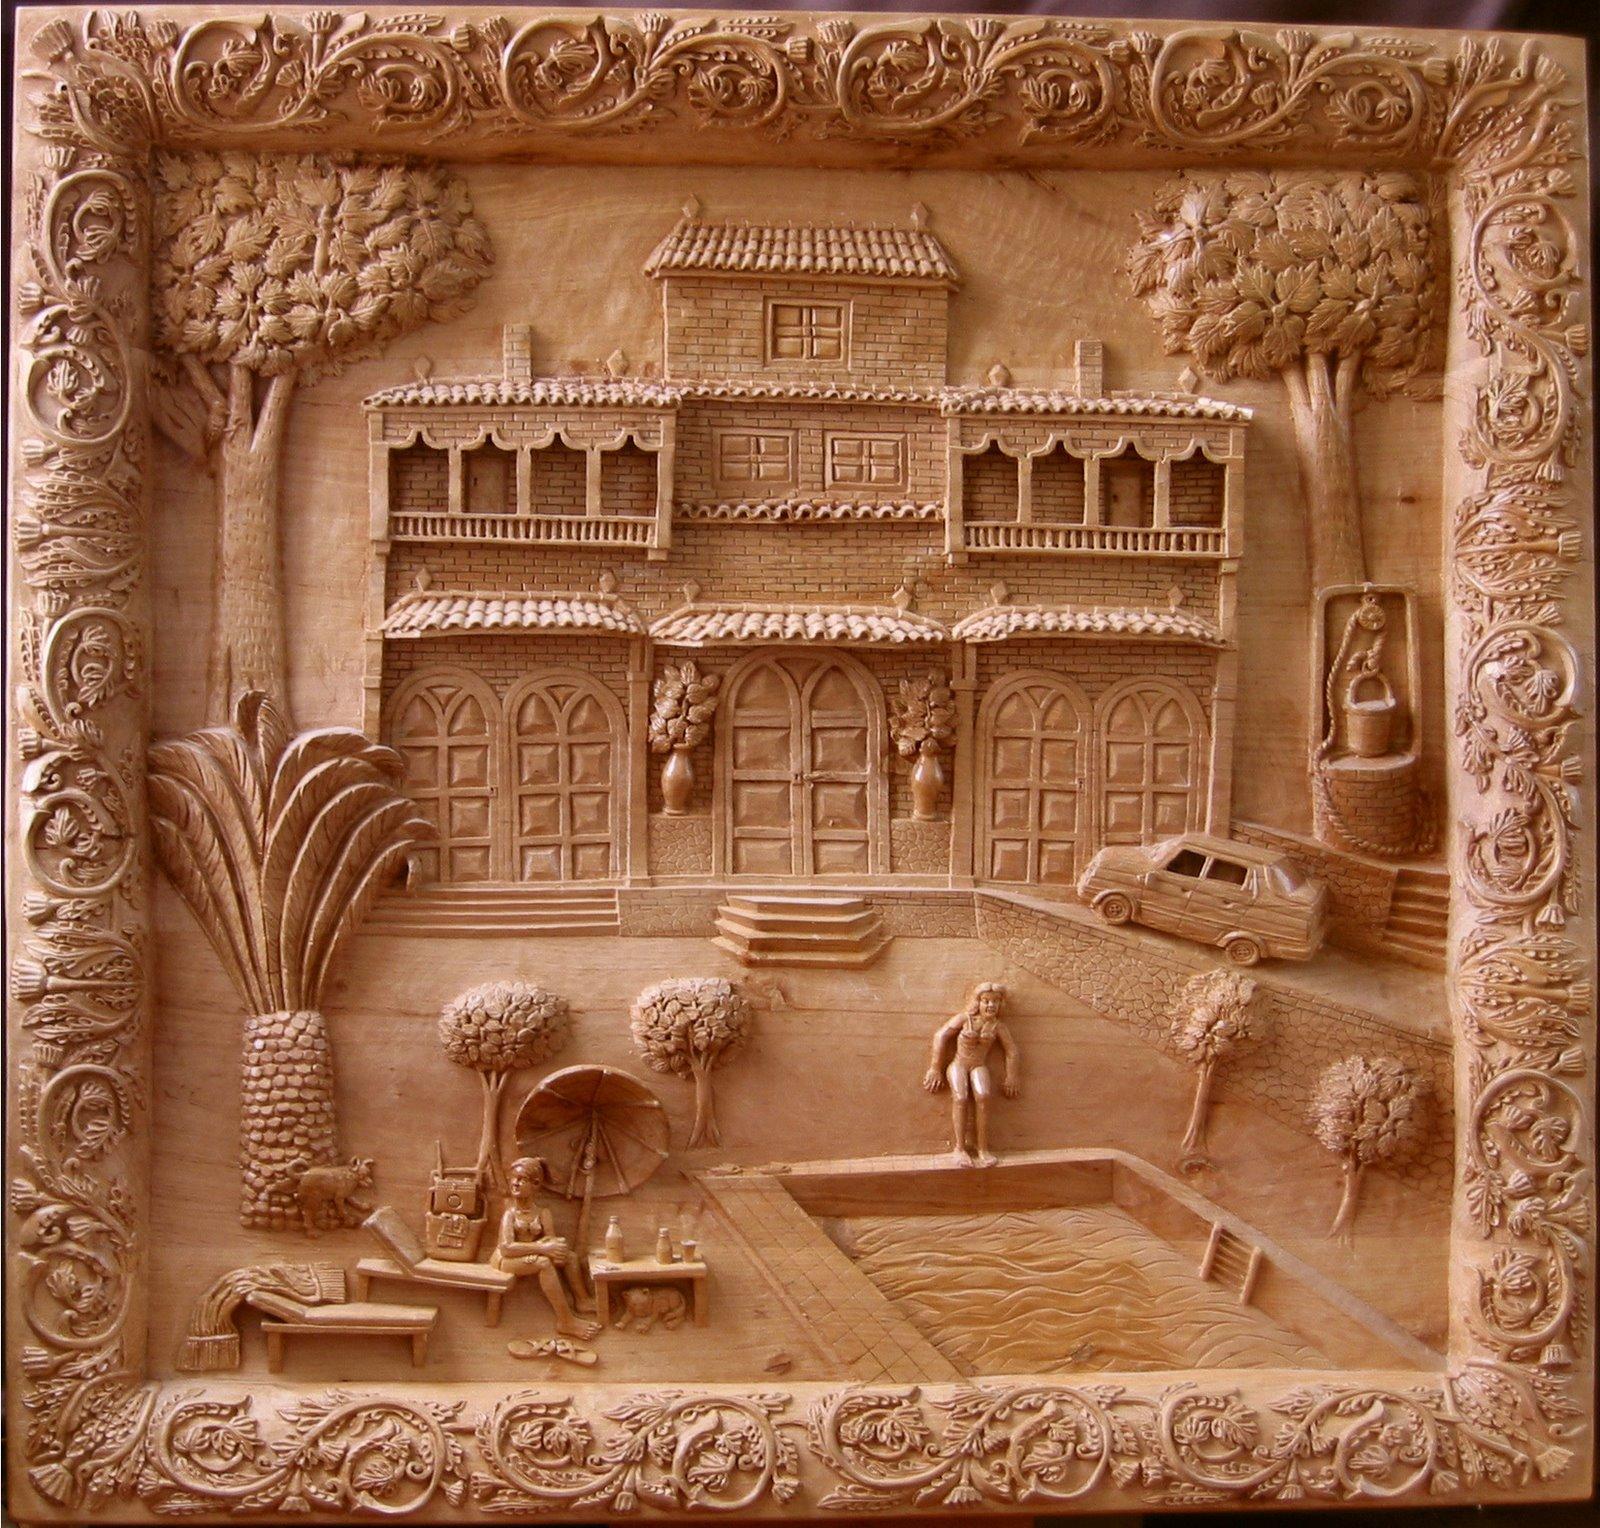 Nueva ornamentación para el marco de \'El establo\' : Talla en madera ...